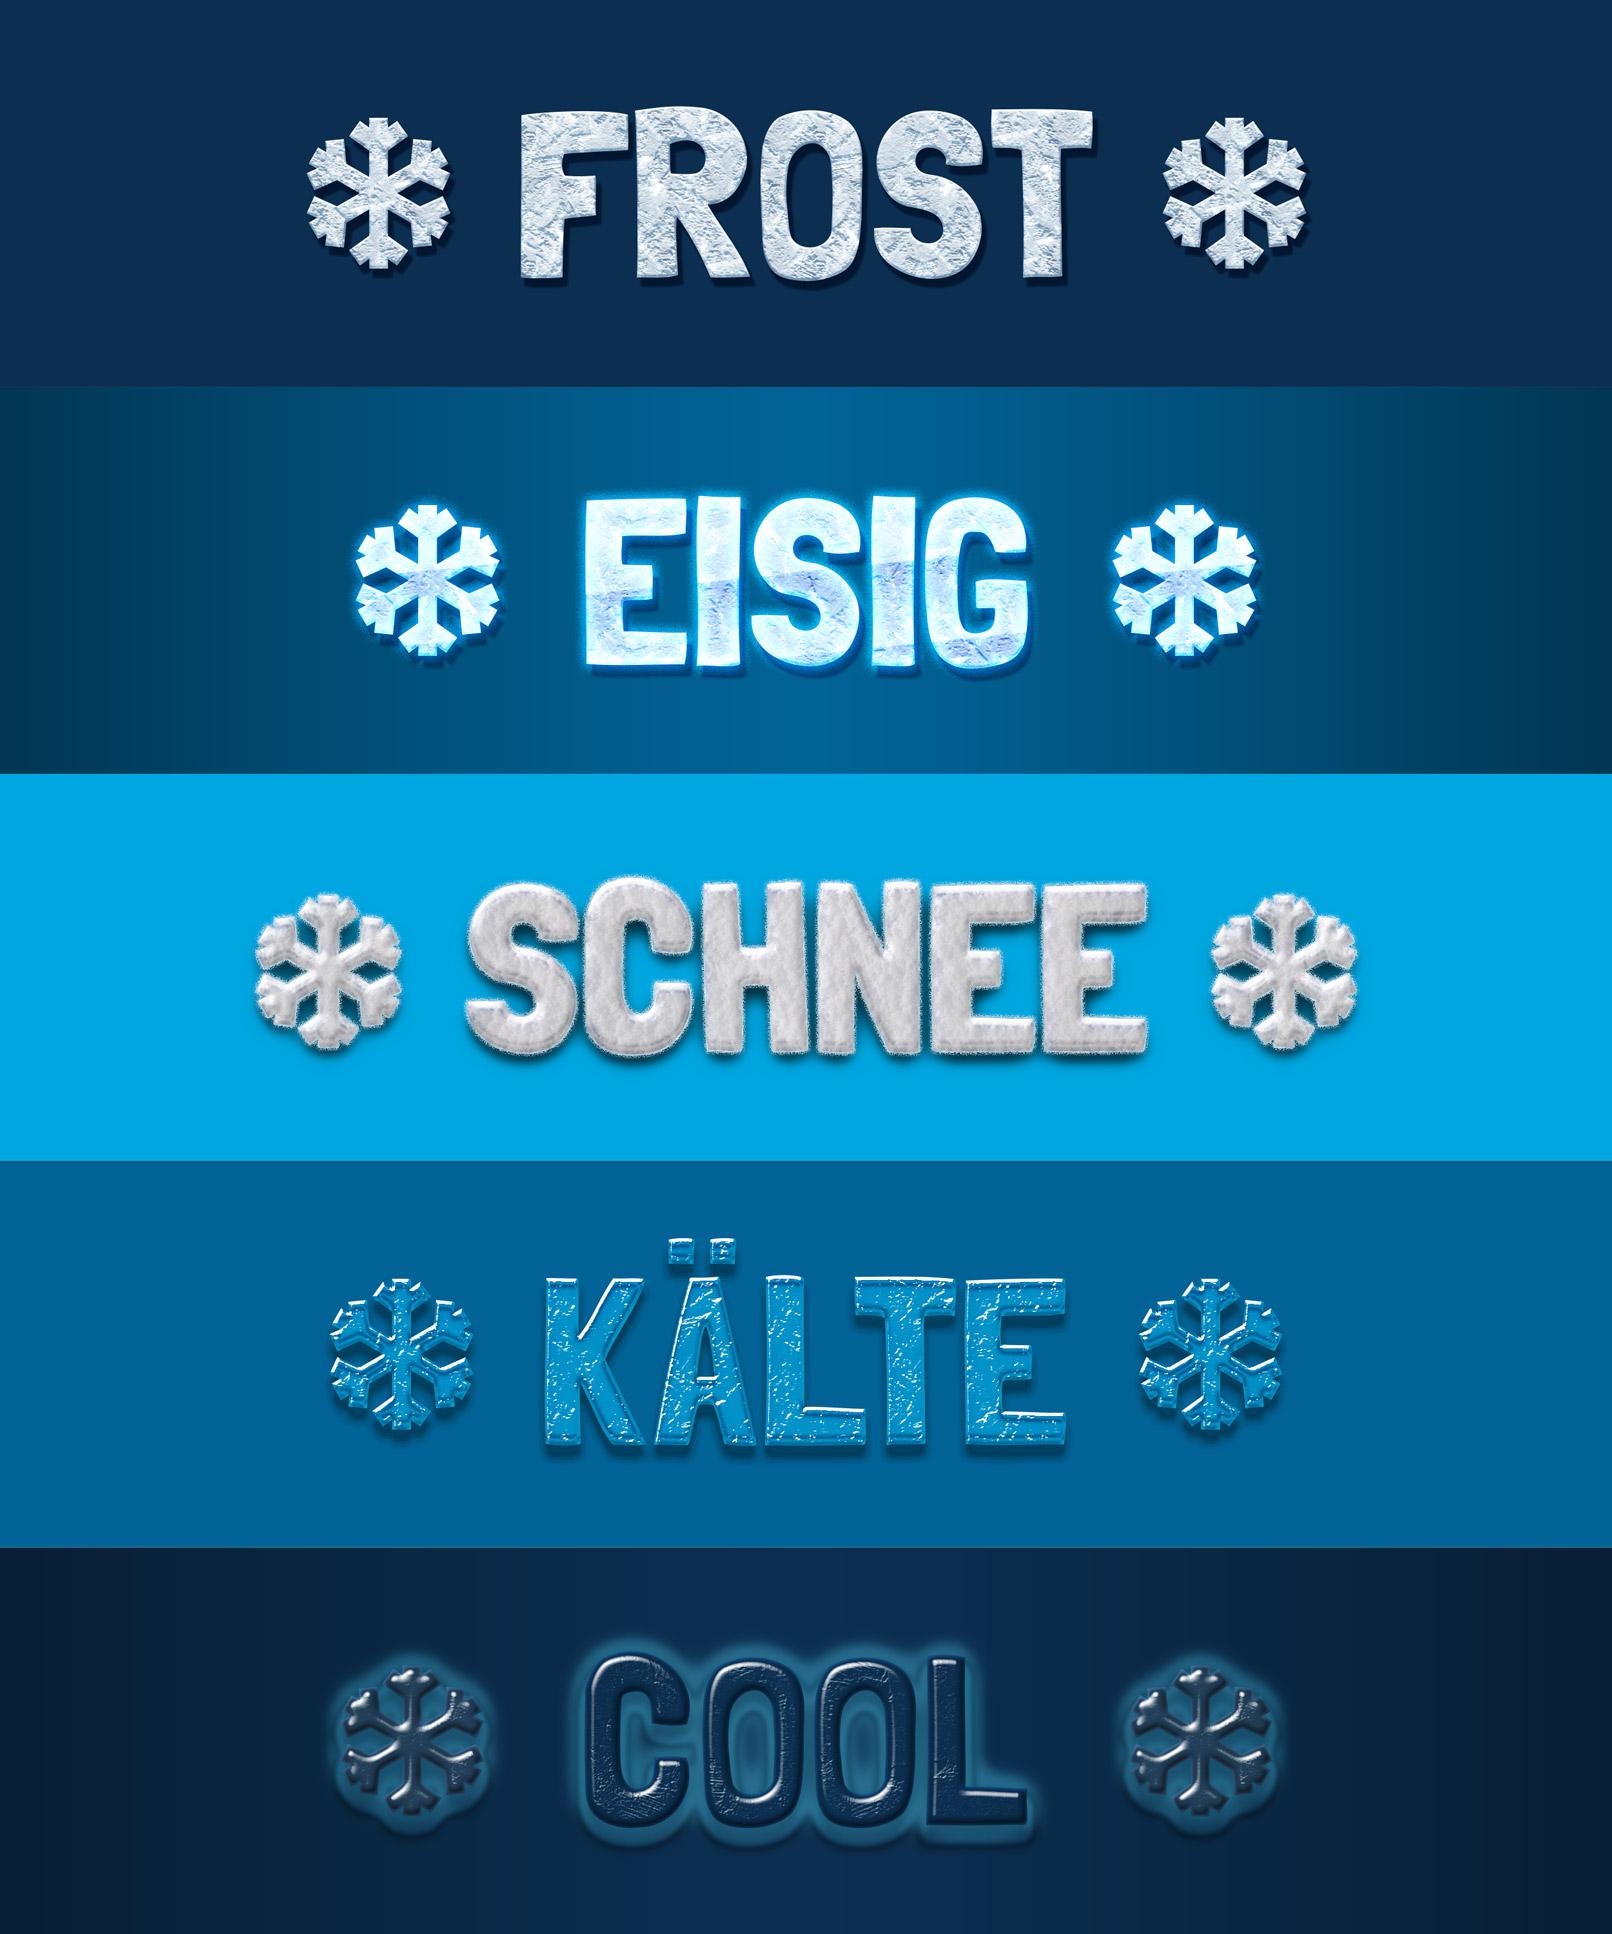 Schriftzüge und Grafiken mit Eis- und Frost-Styles